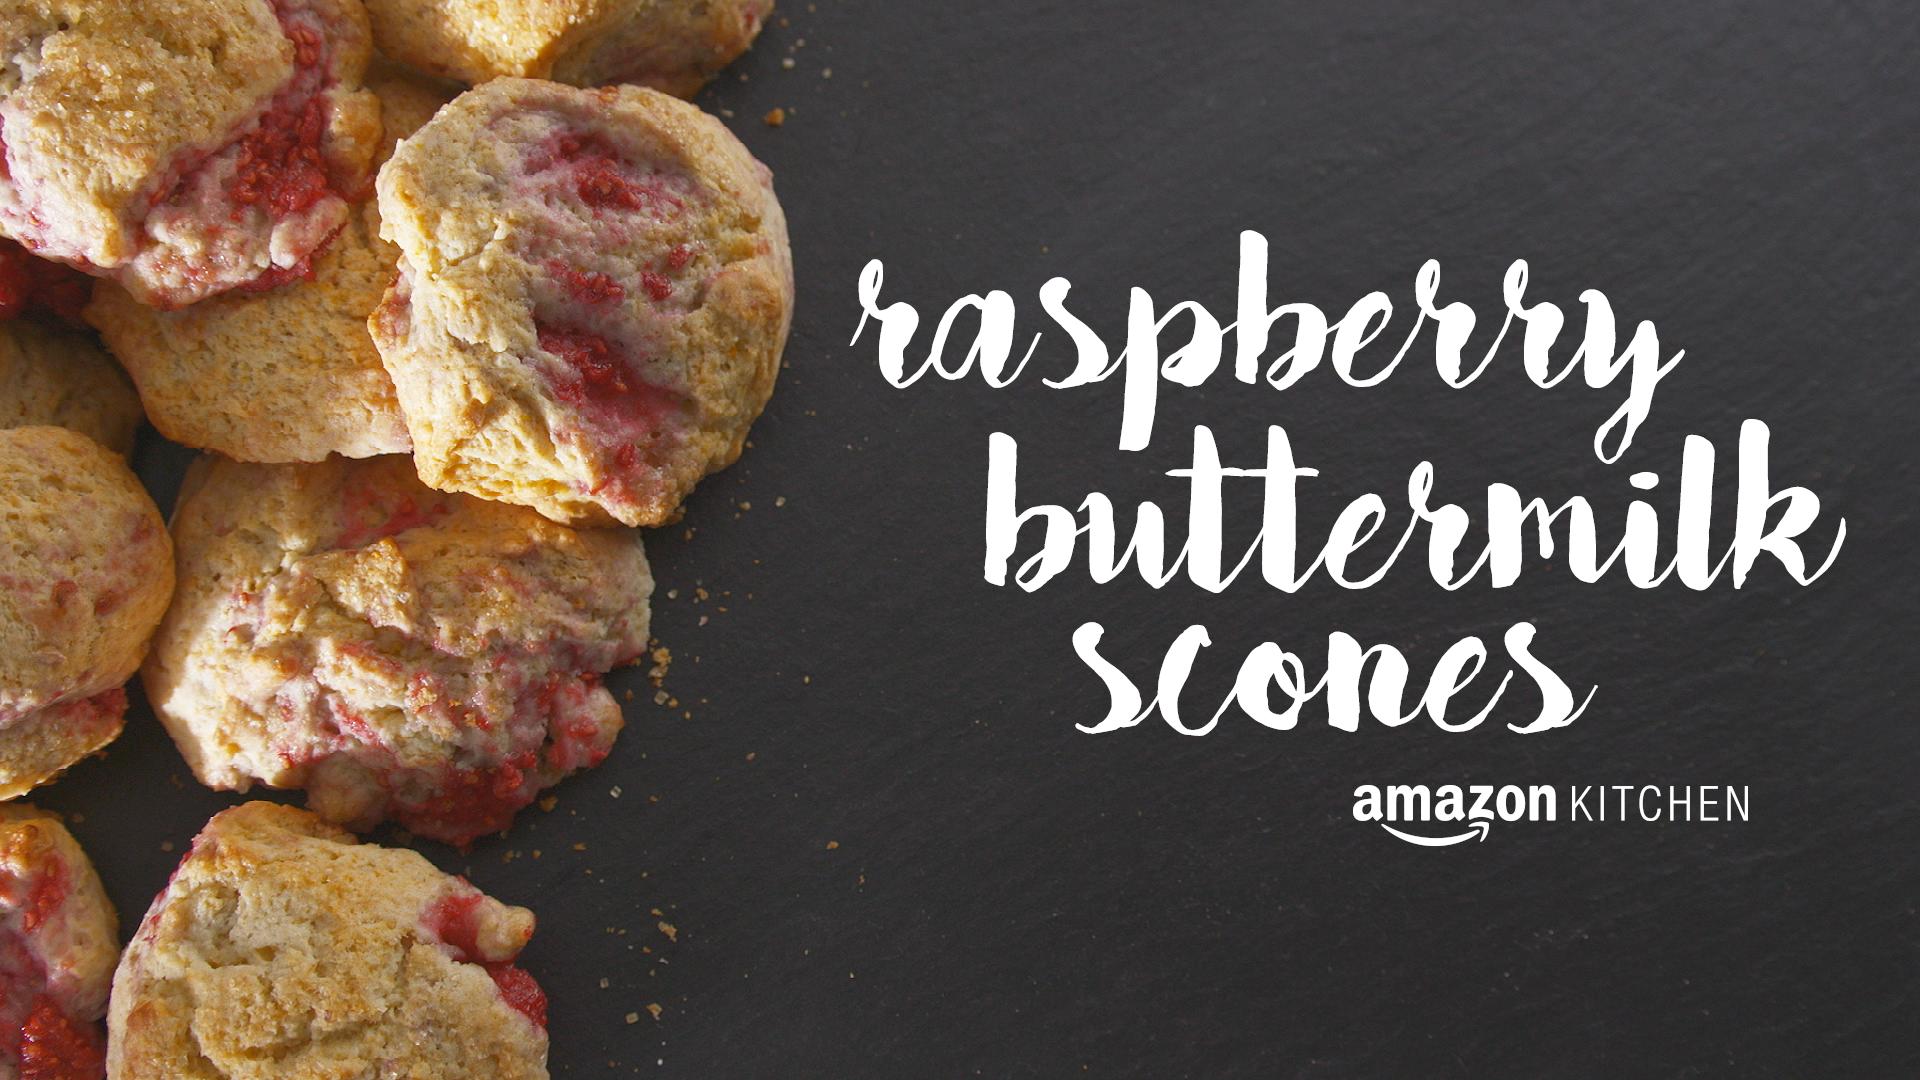 Raspberry Buttermilk Scones